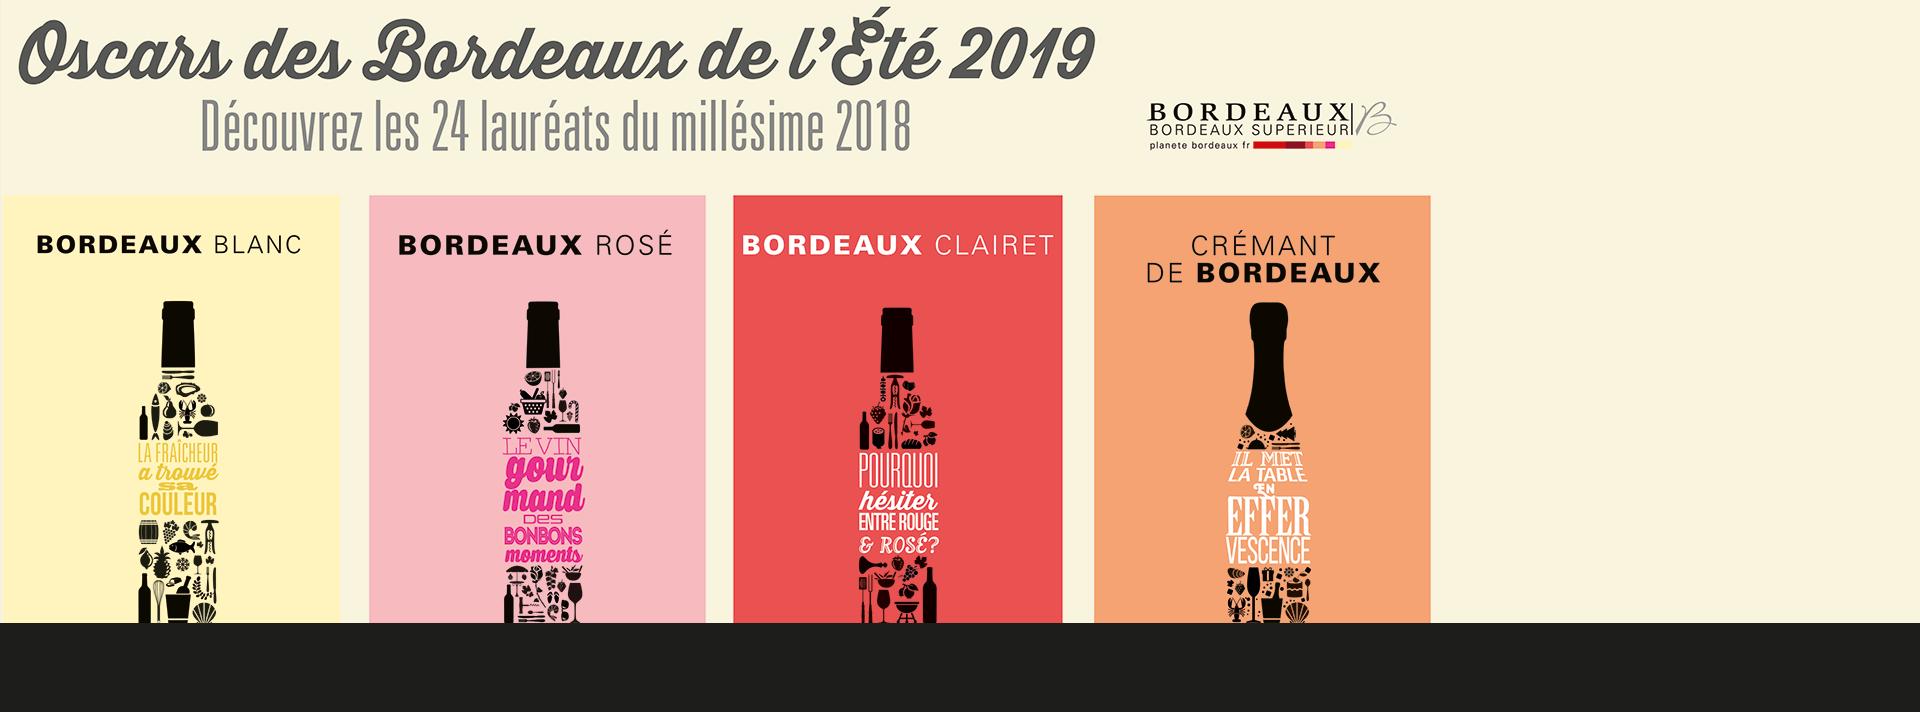 Oscars des Bordeaux de l'Été 2019